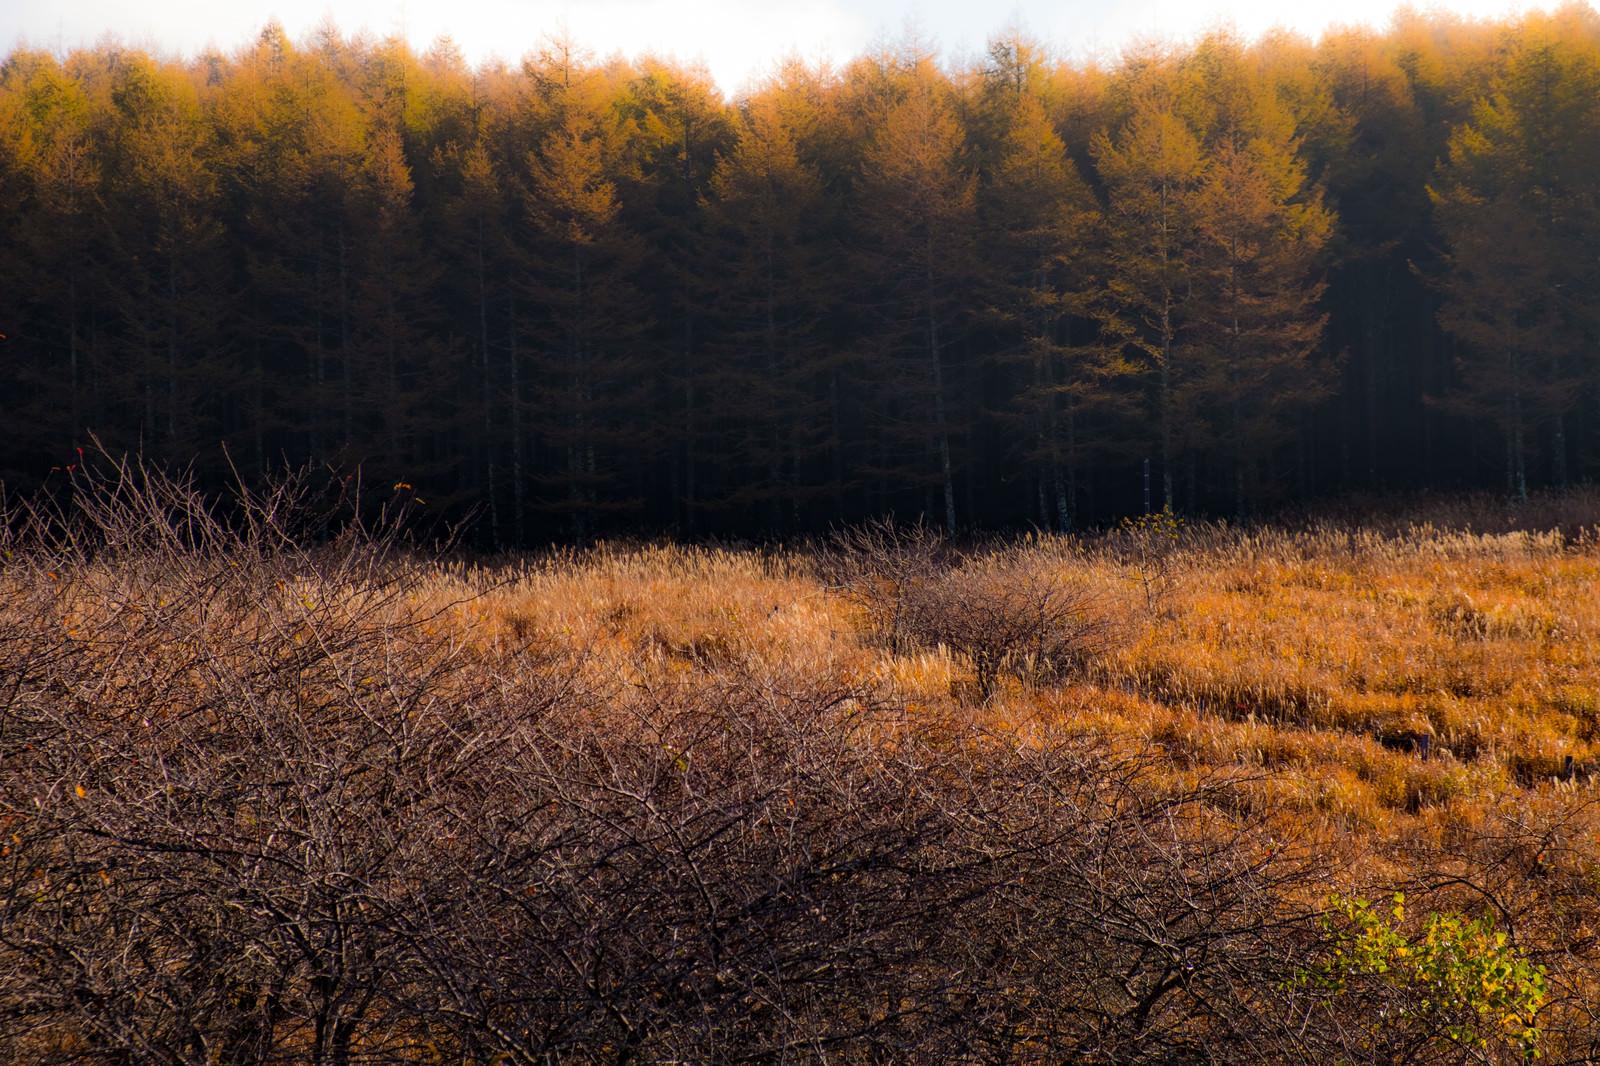 「秋色の山林」の写真